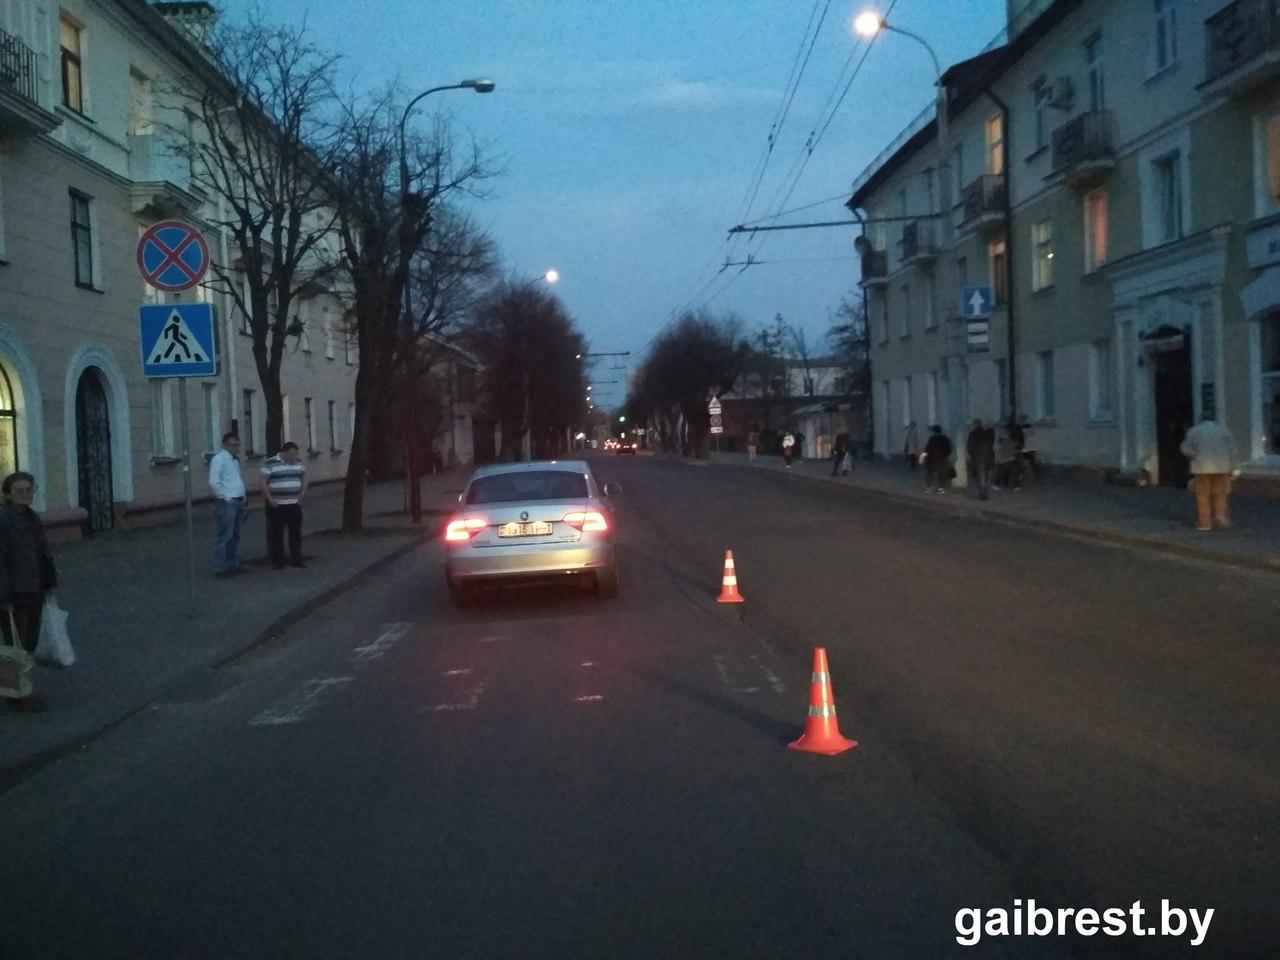 Пьяная женщина на пешеходном переходе попала под автомобиль